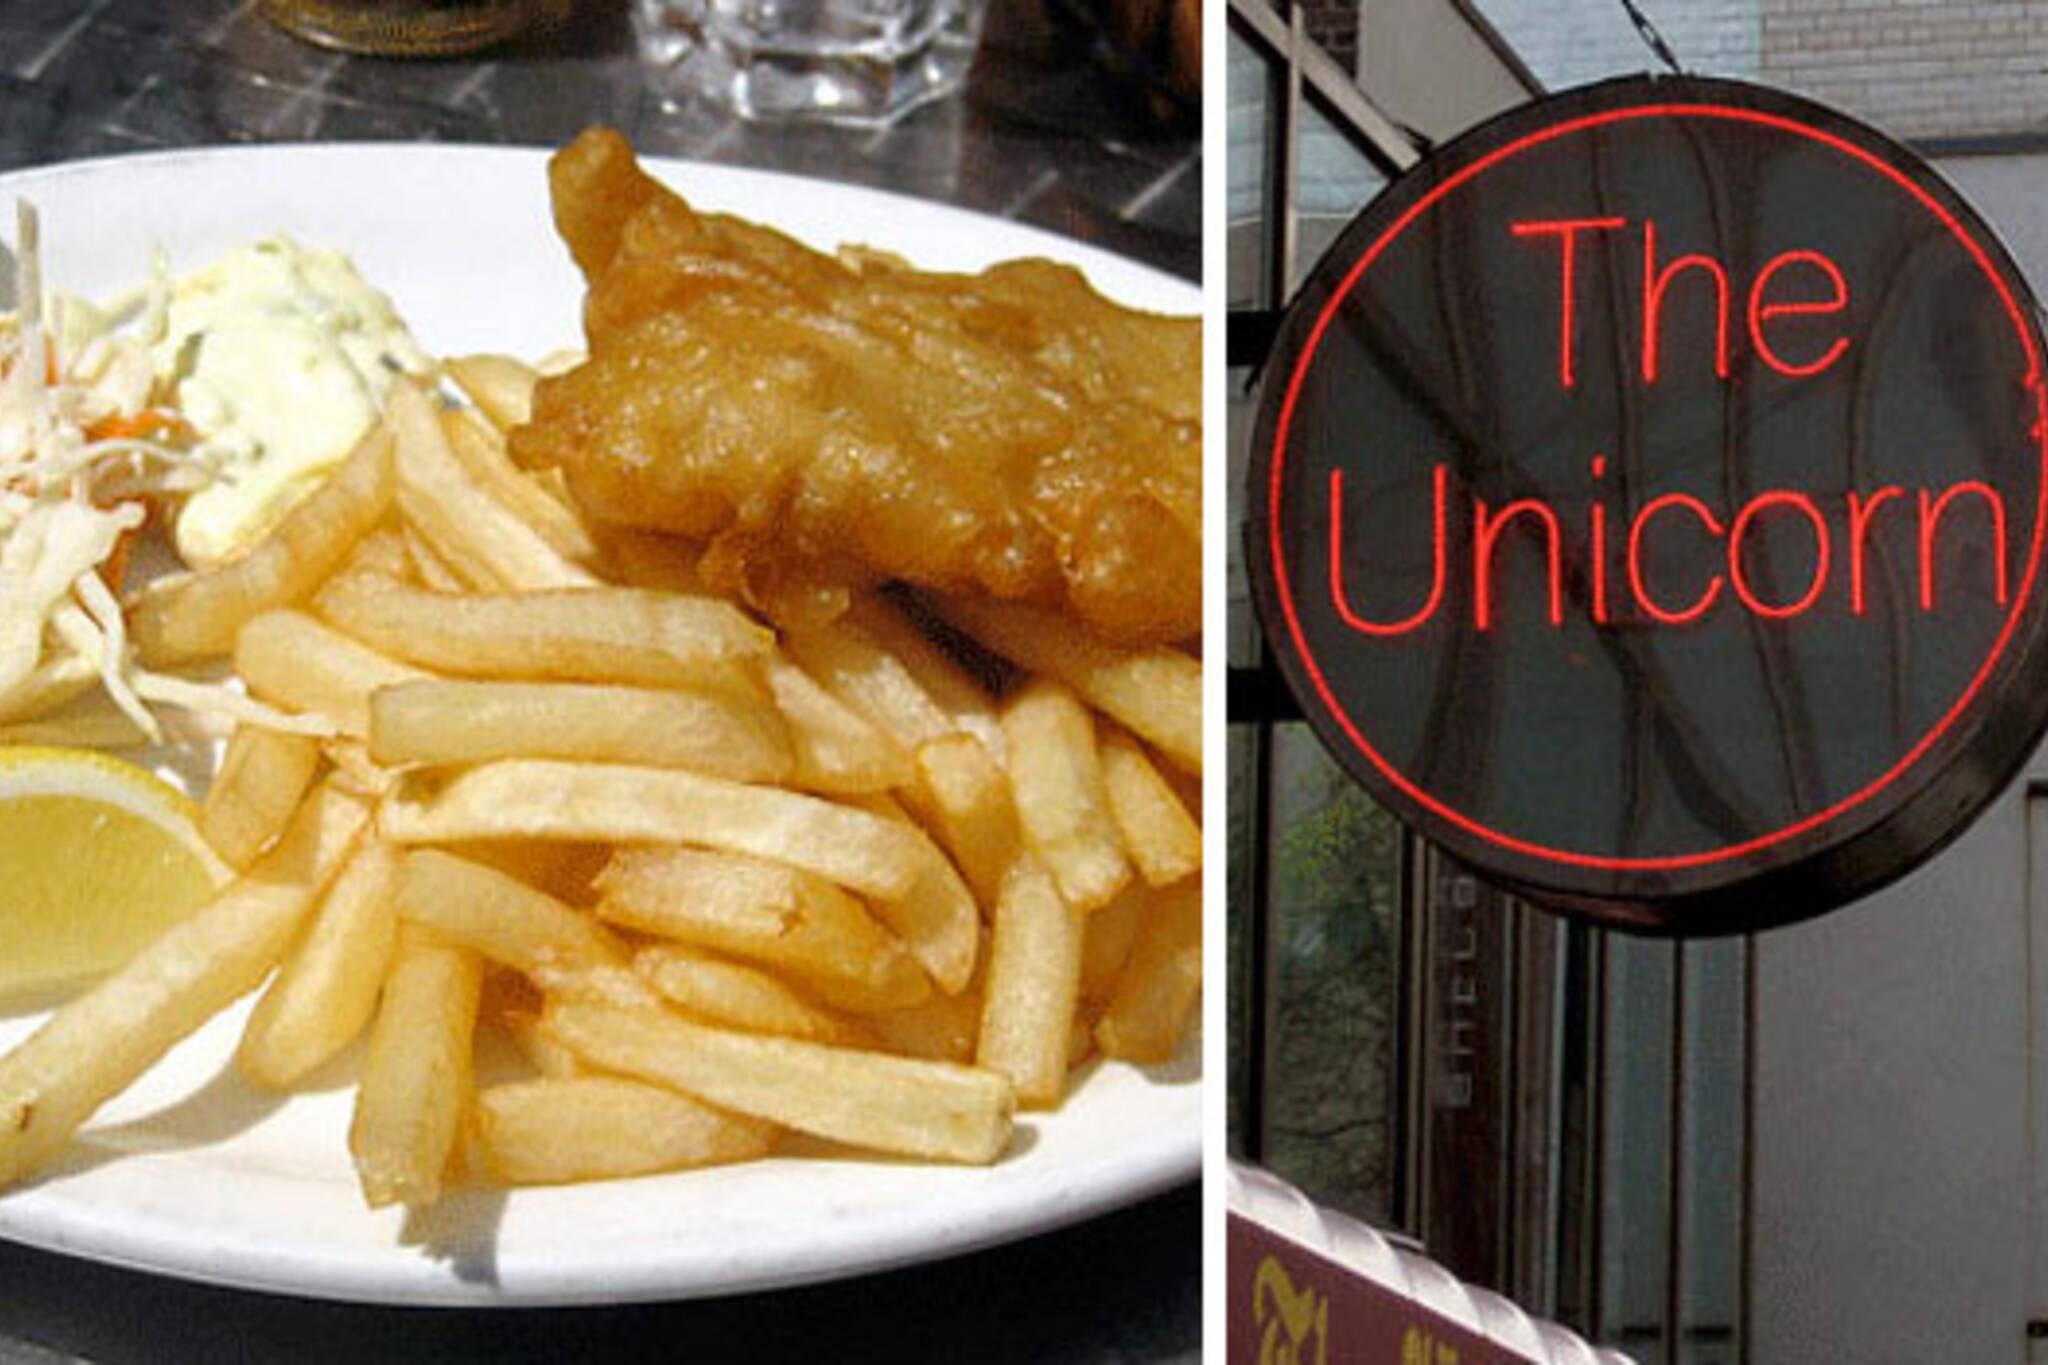 unicorn pub toronto